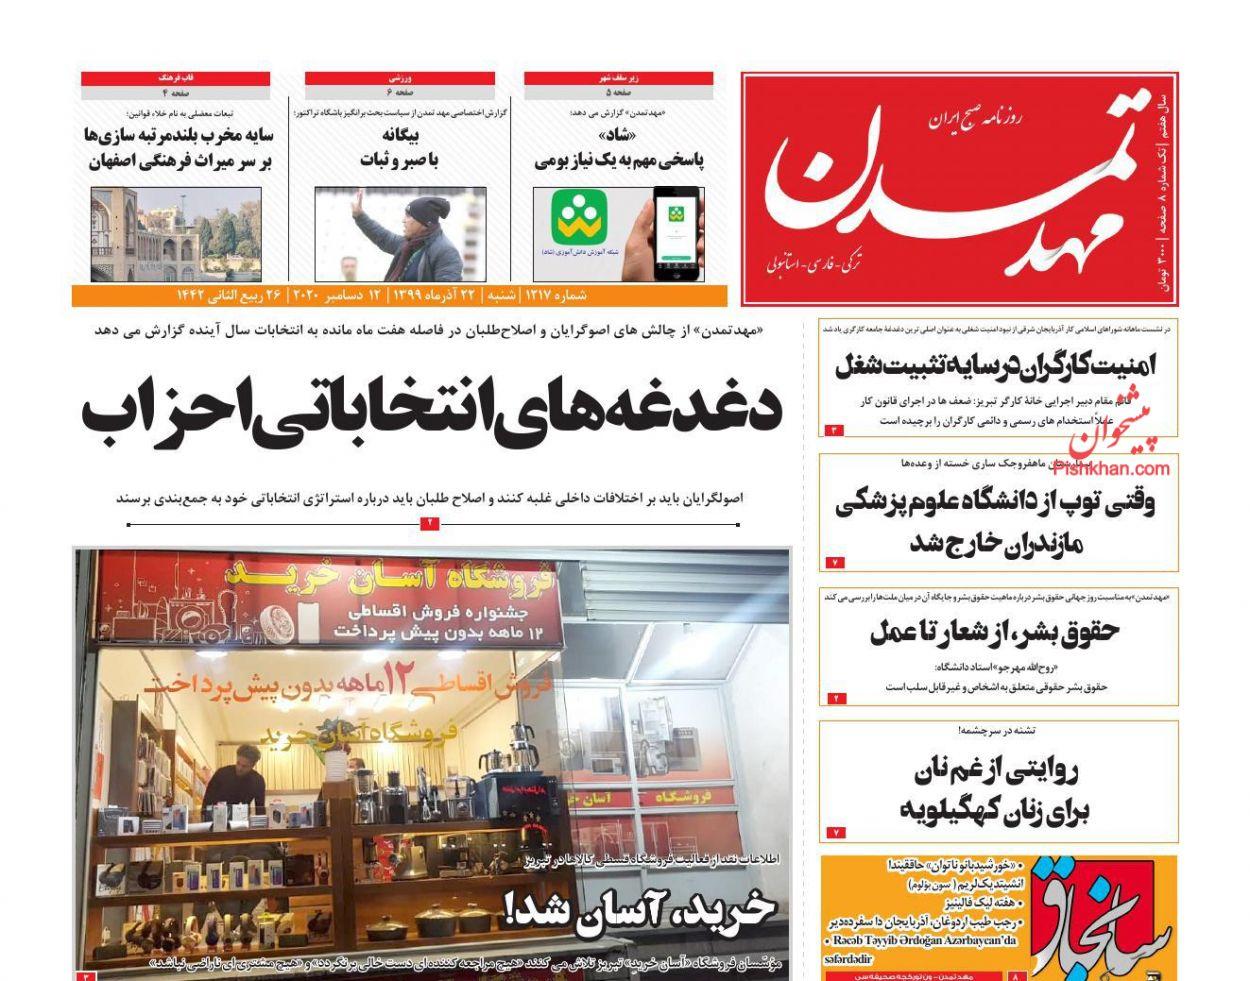 عناوین اخبار روزنامه مهد تمدن در روز شنبه ۲۲ آذر